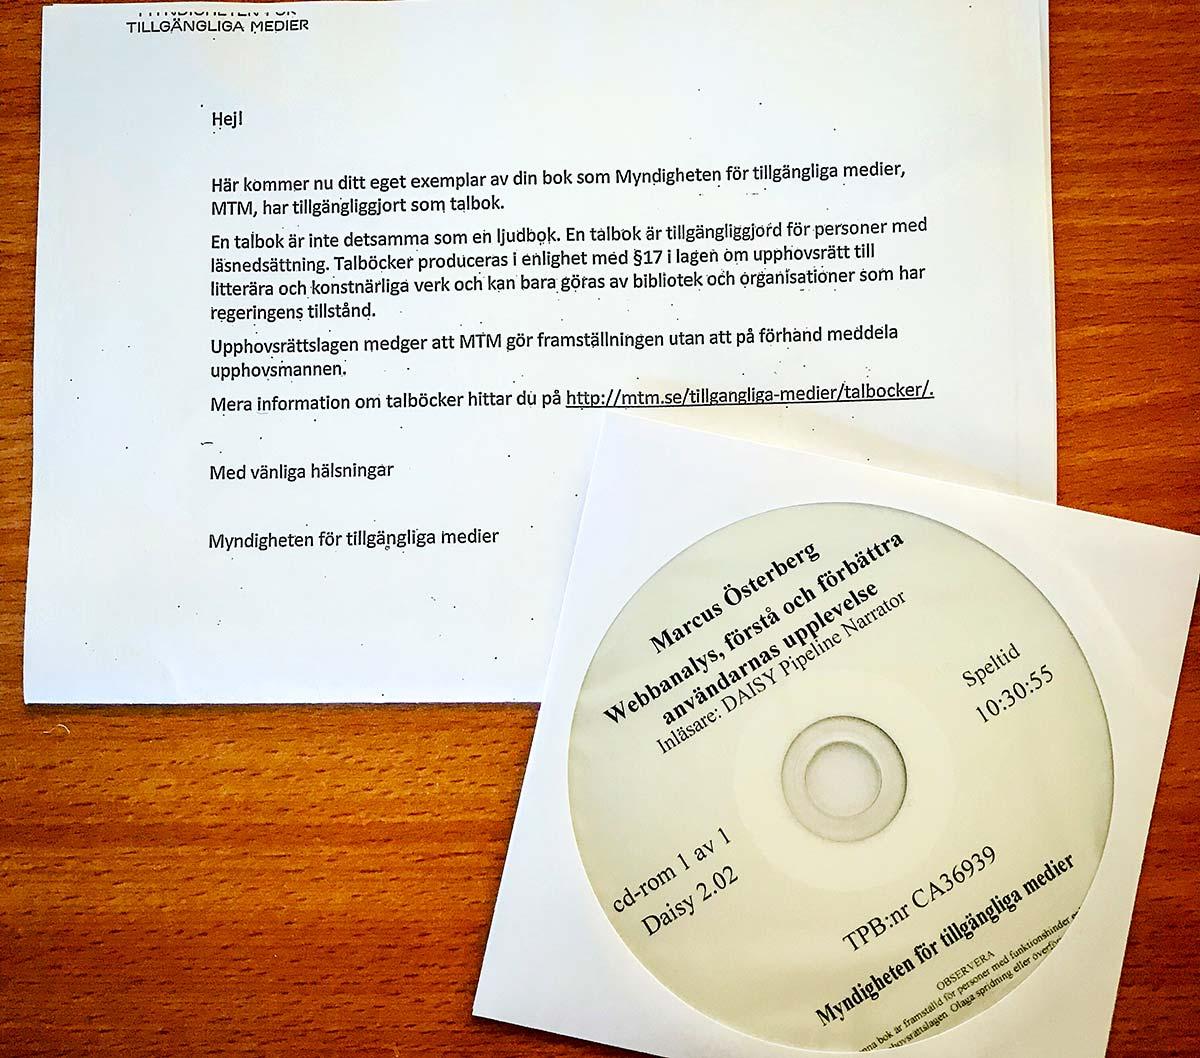 Webbanalys-boken nu som talbok, samt kurslitteratur på Lunds Universitet